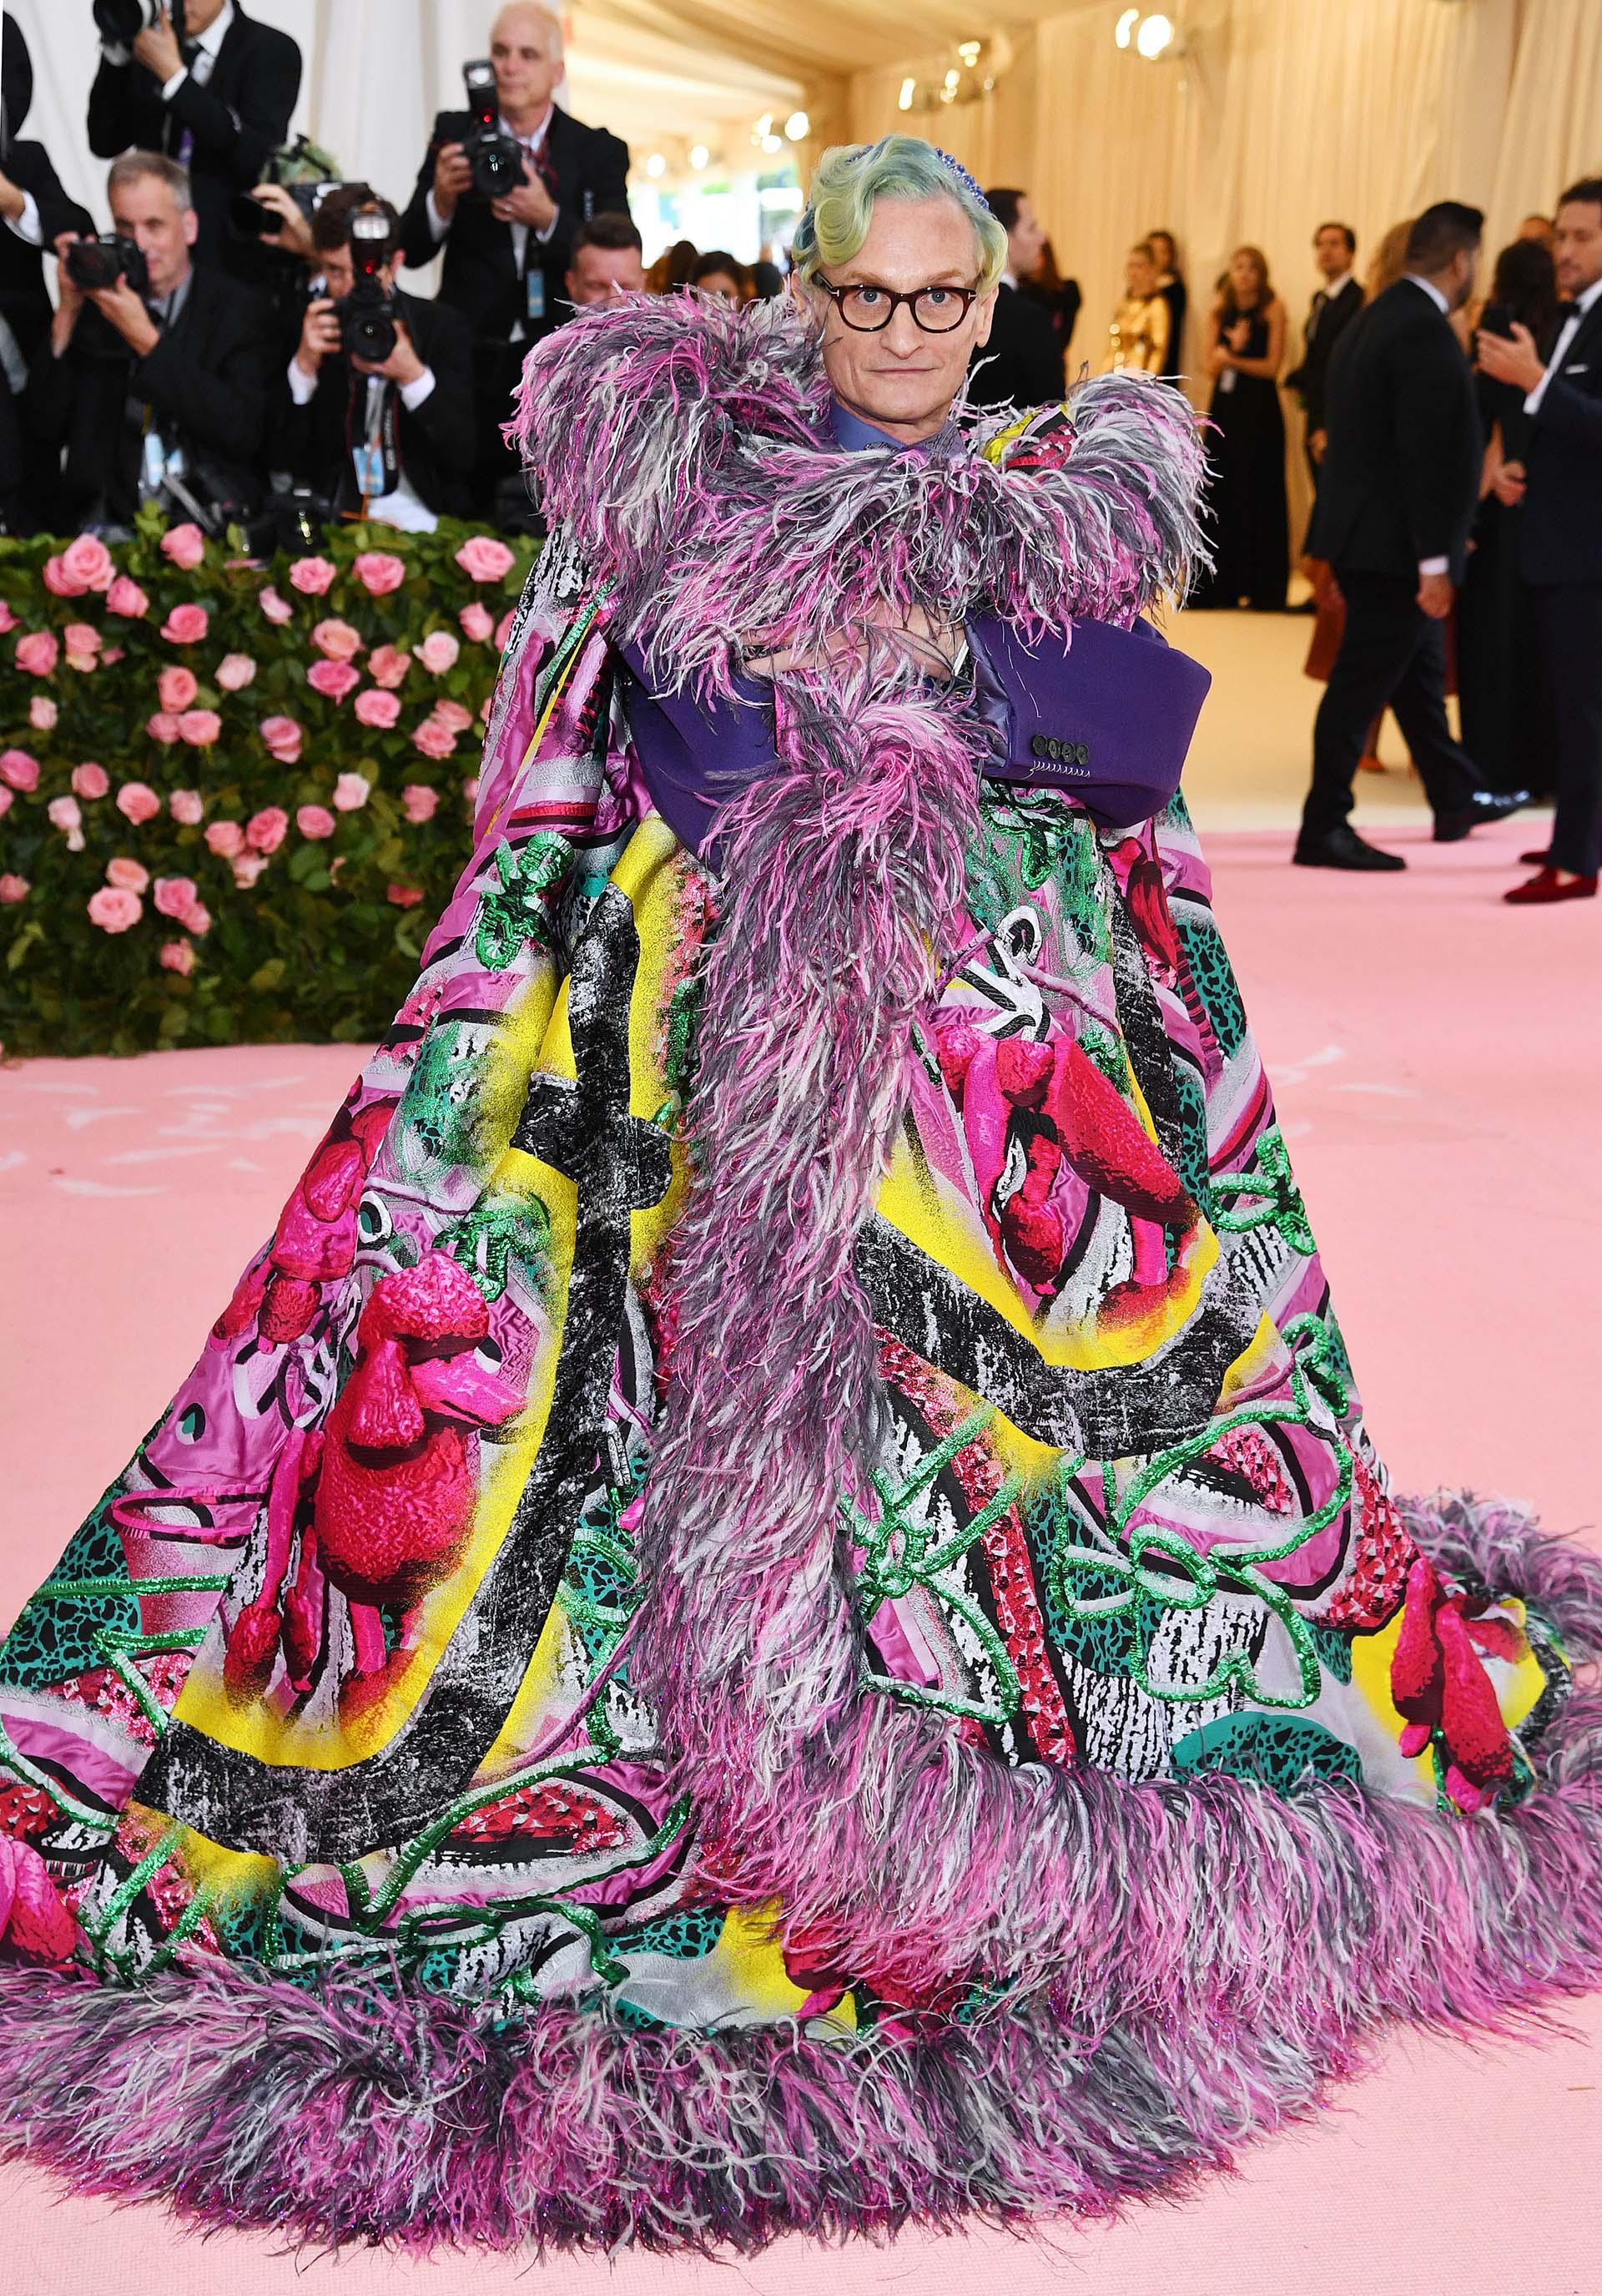 Hamish Bowles, uno de los editores de Vogue, con uno de los looks más estrafalarios -y acorde a la temática-. Lució una capa diseñada por la maison Margiela, un traje color púrpura y un cabello recién teñido de colores fantasía